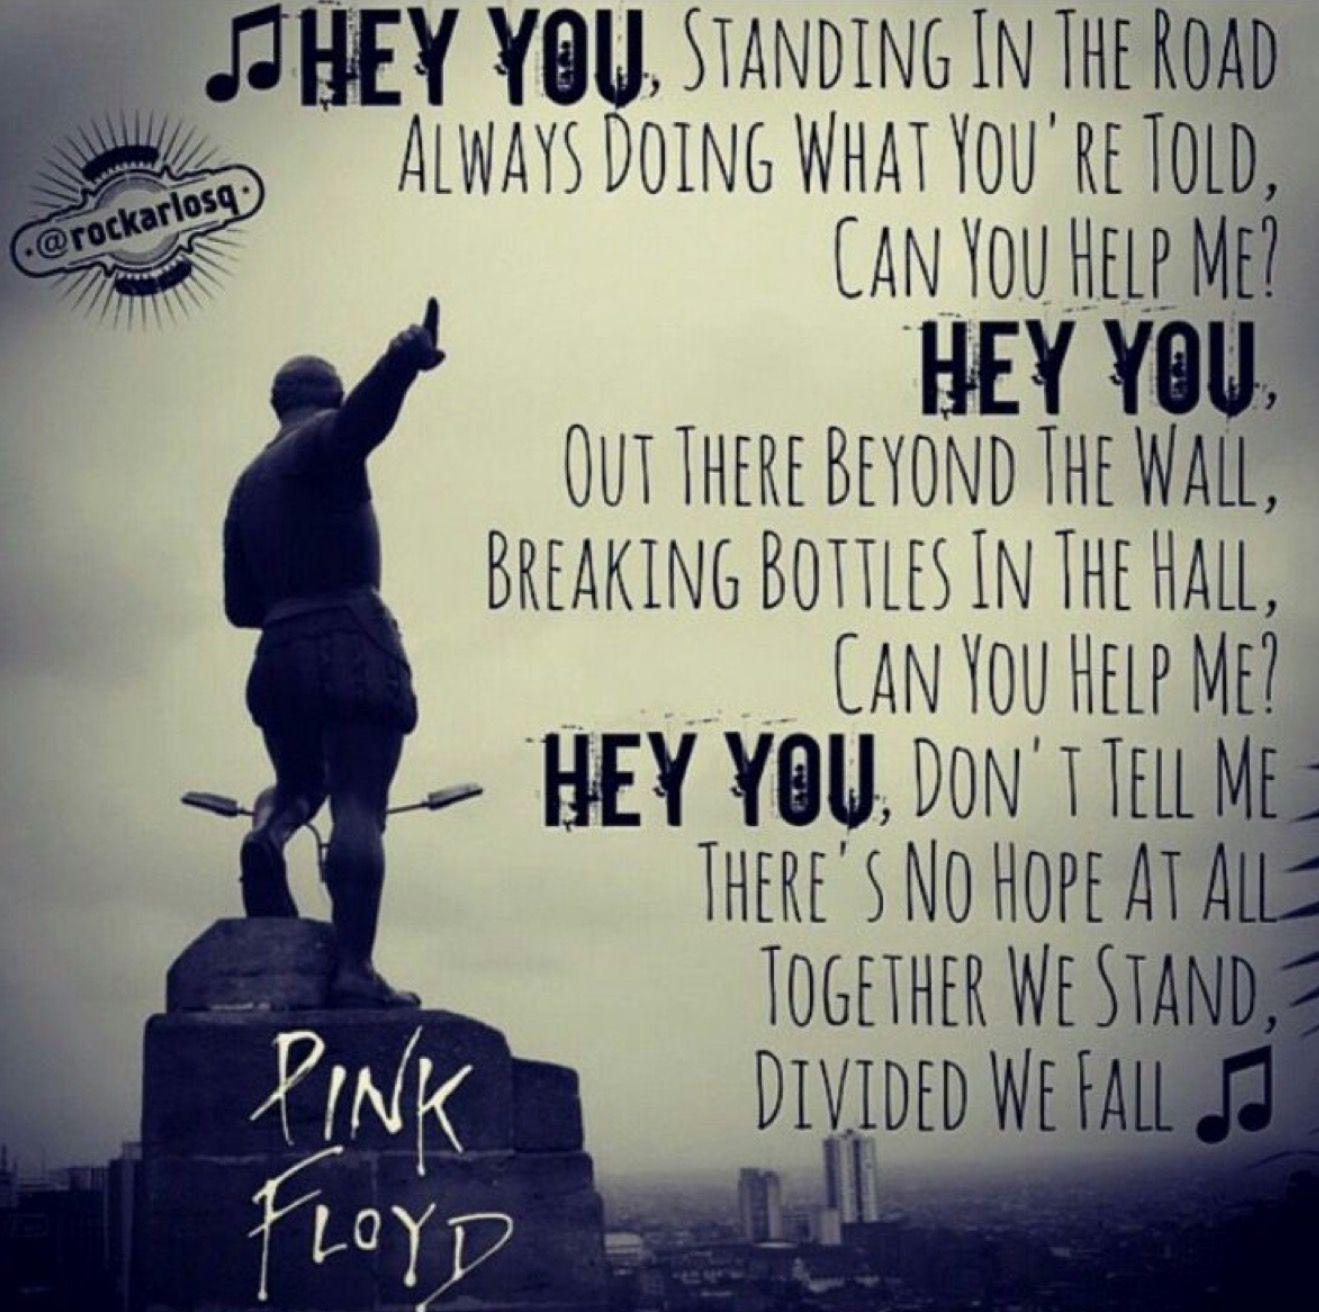 Hey You Pink Floyd Pink floyd lyrics, Pink floyd